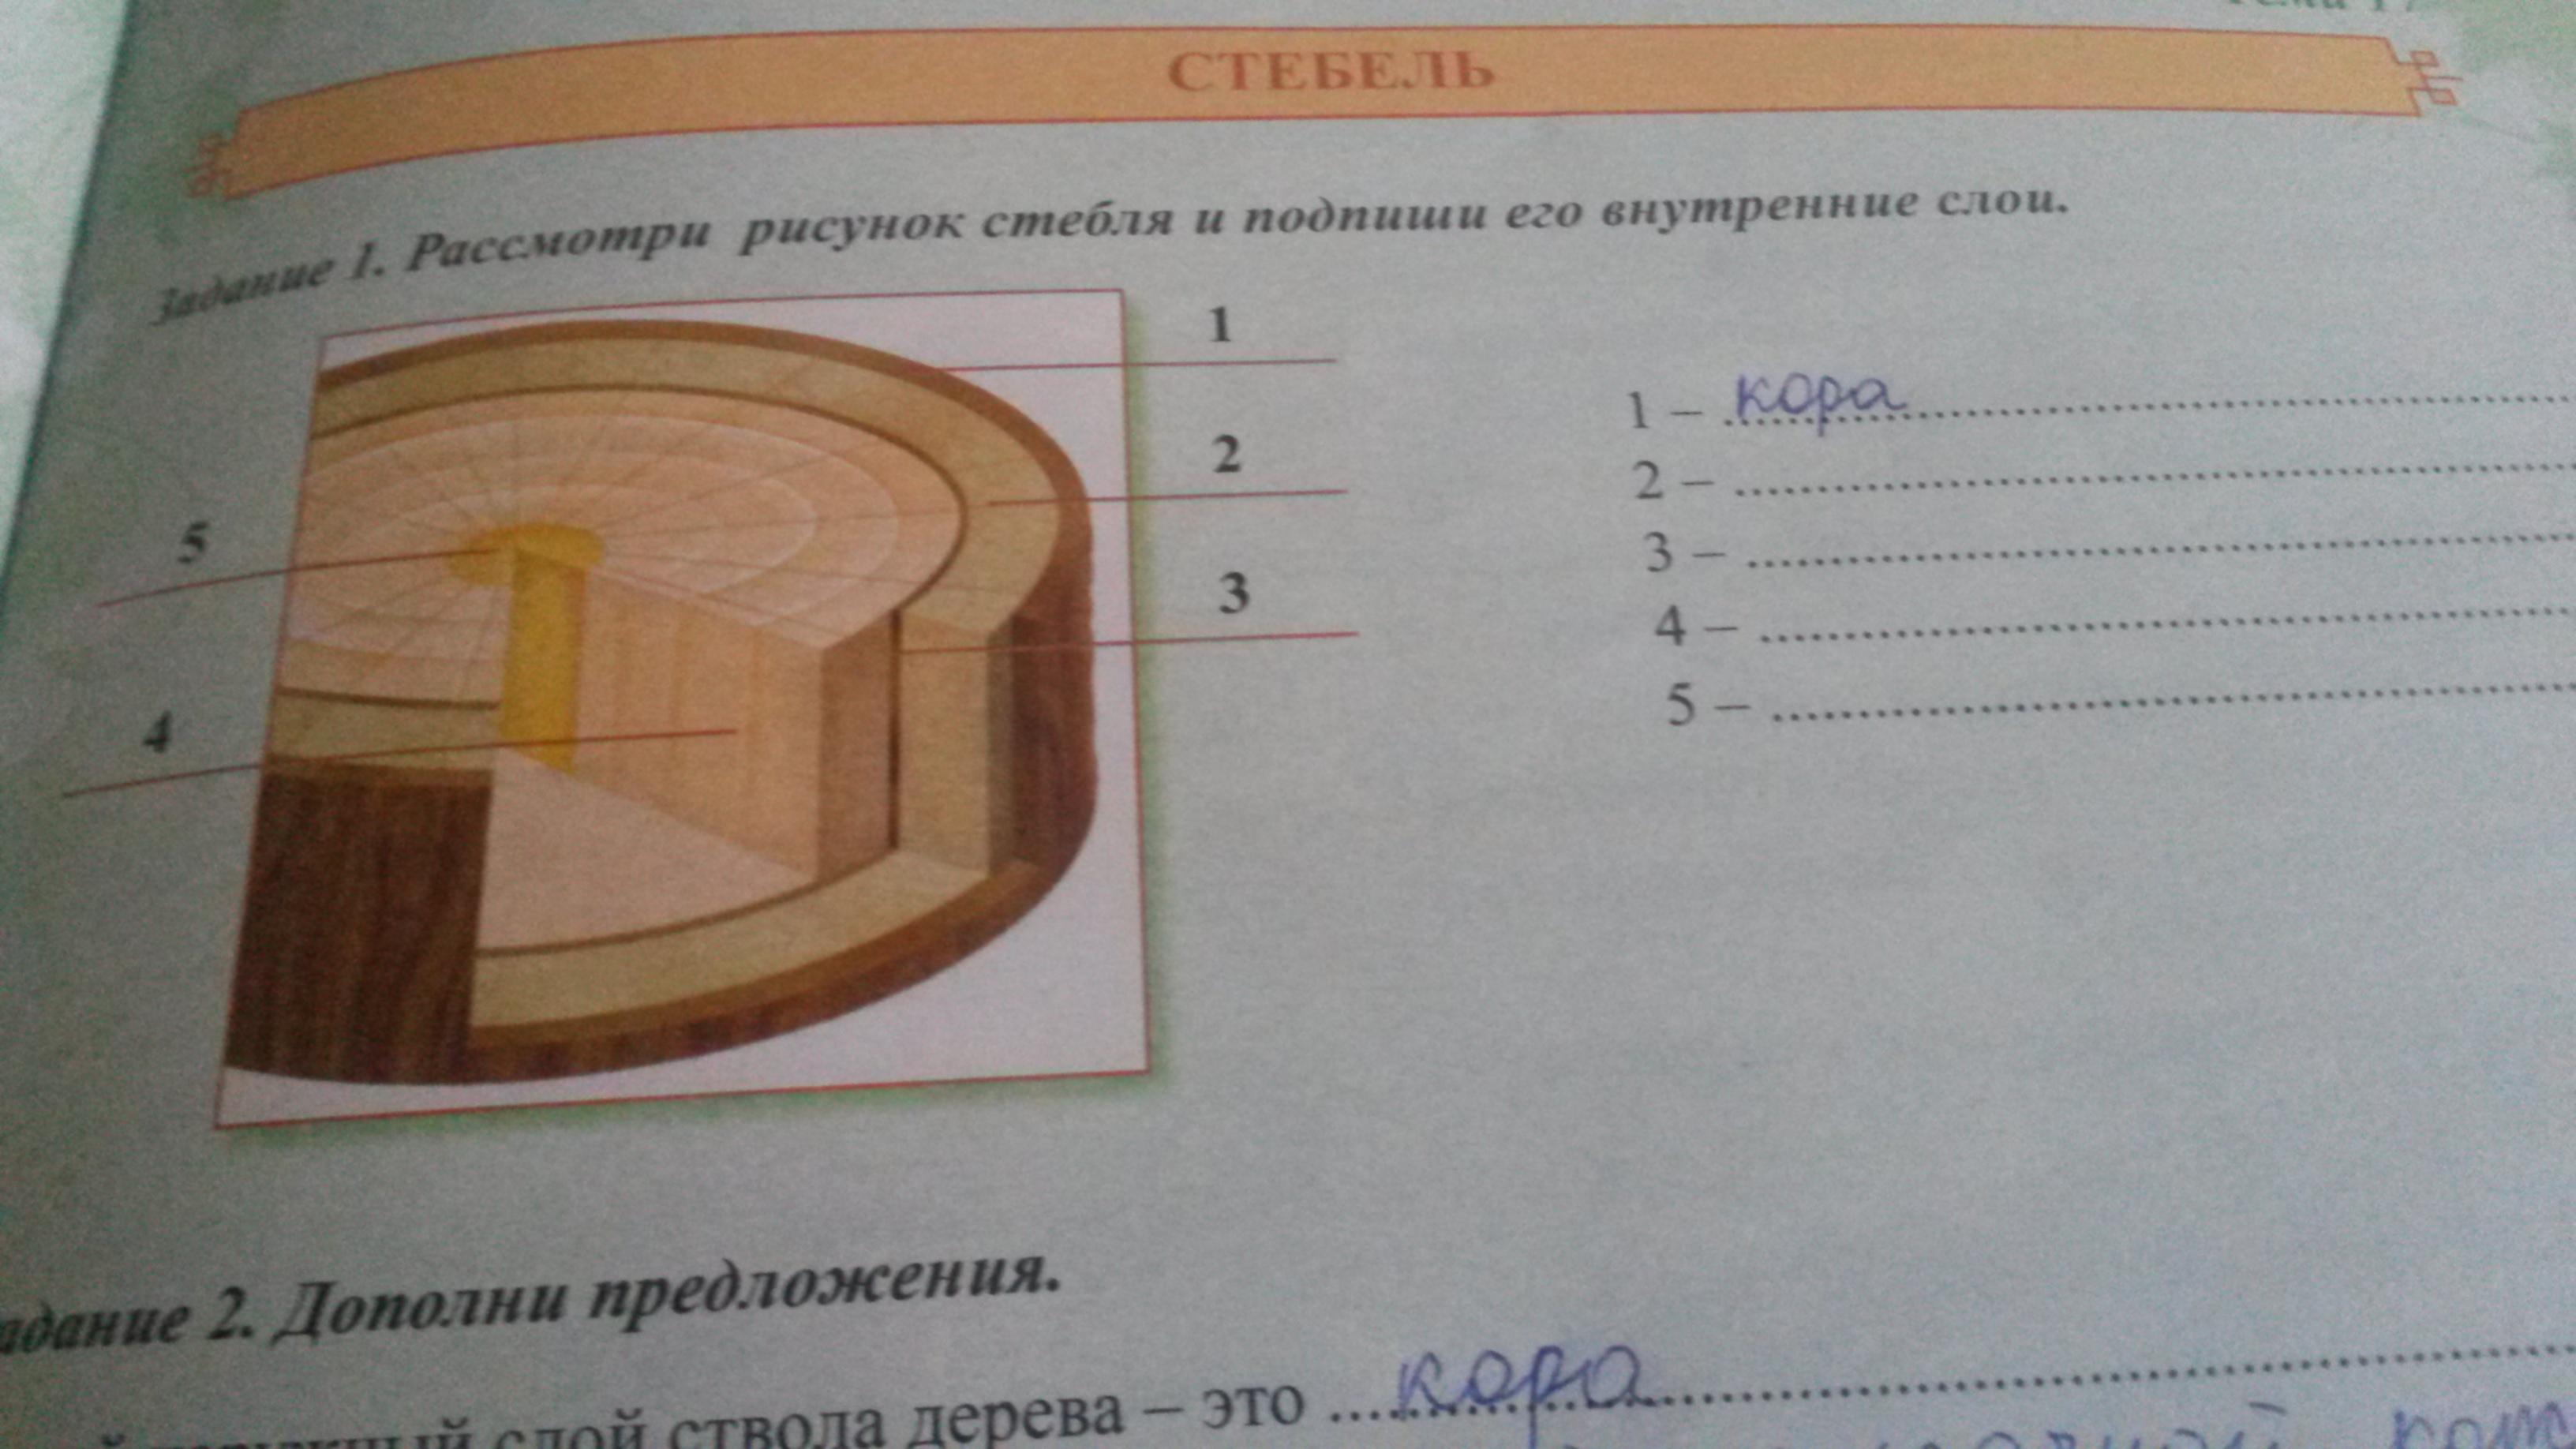 Рисунки стебля